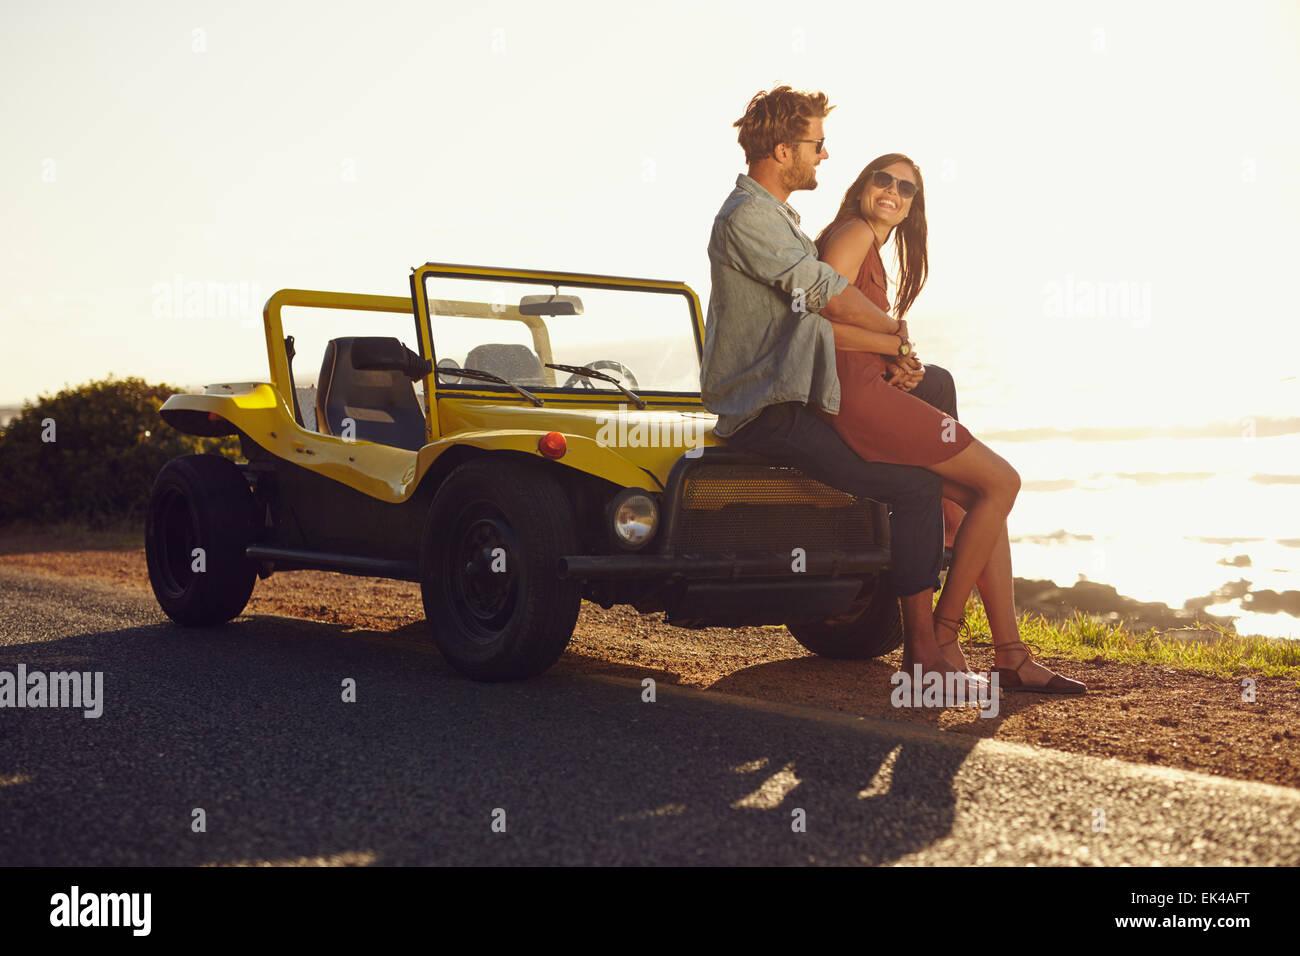 Amorevole coppia giovane seduto sul cofano della loro auto mentre su roadtrip. Giovani caucasici giovane rilassante Immagini Stock